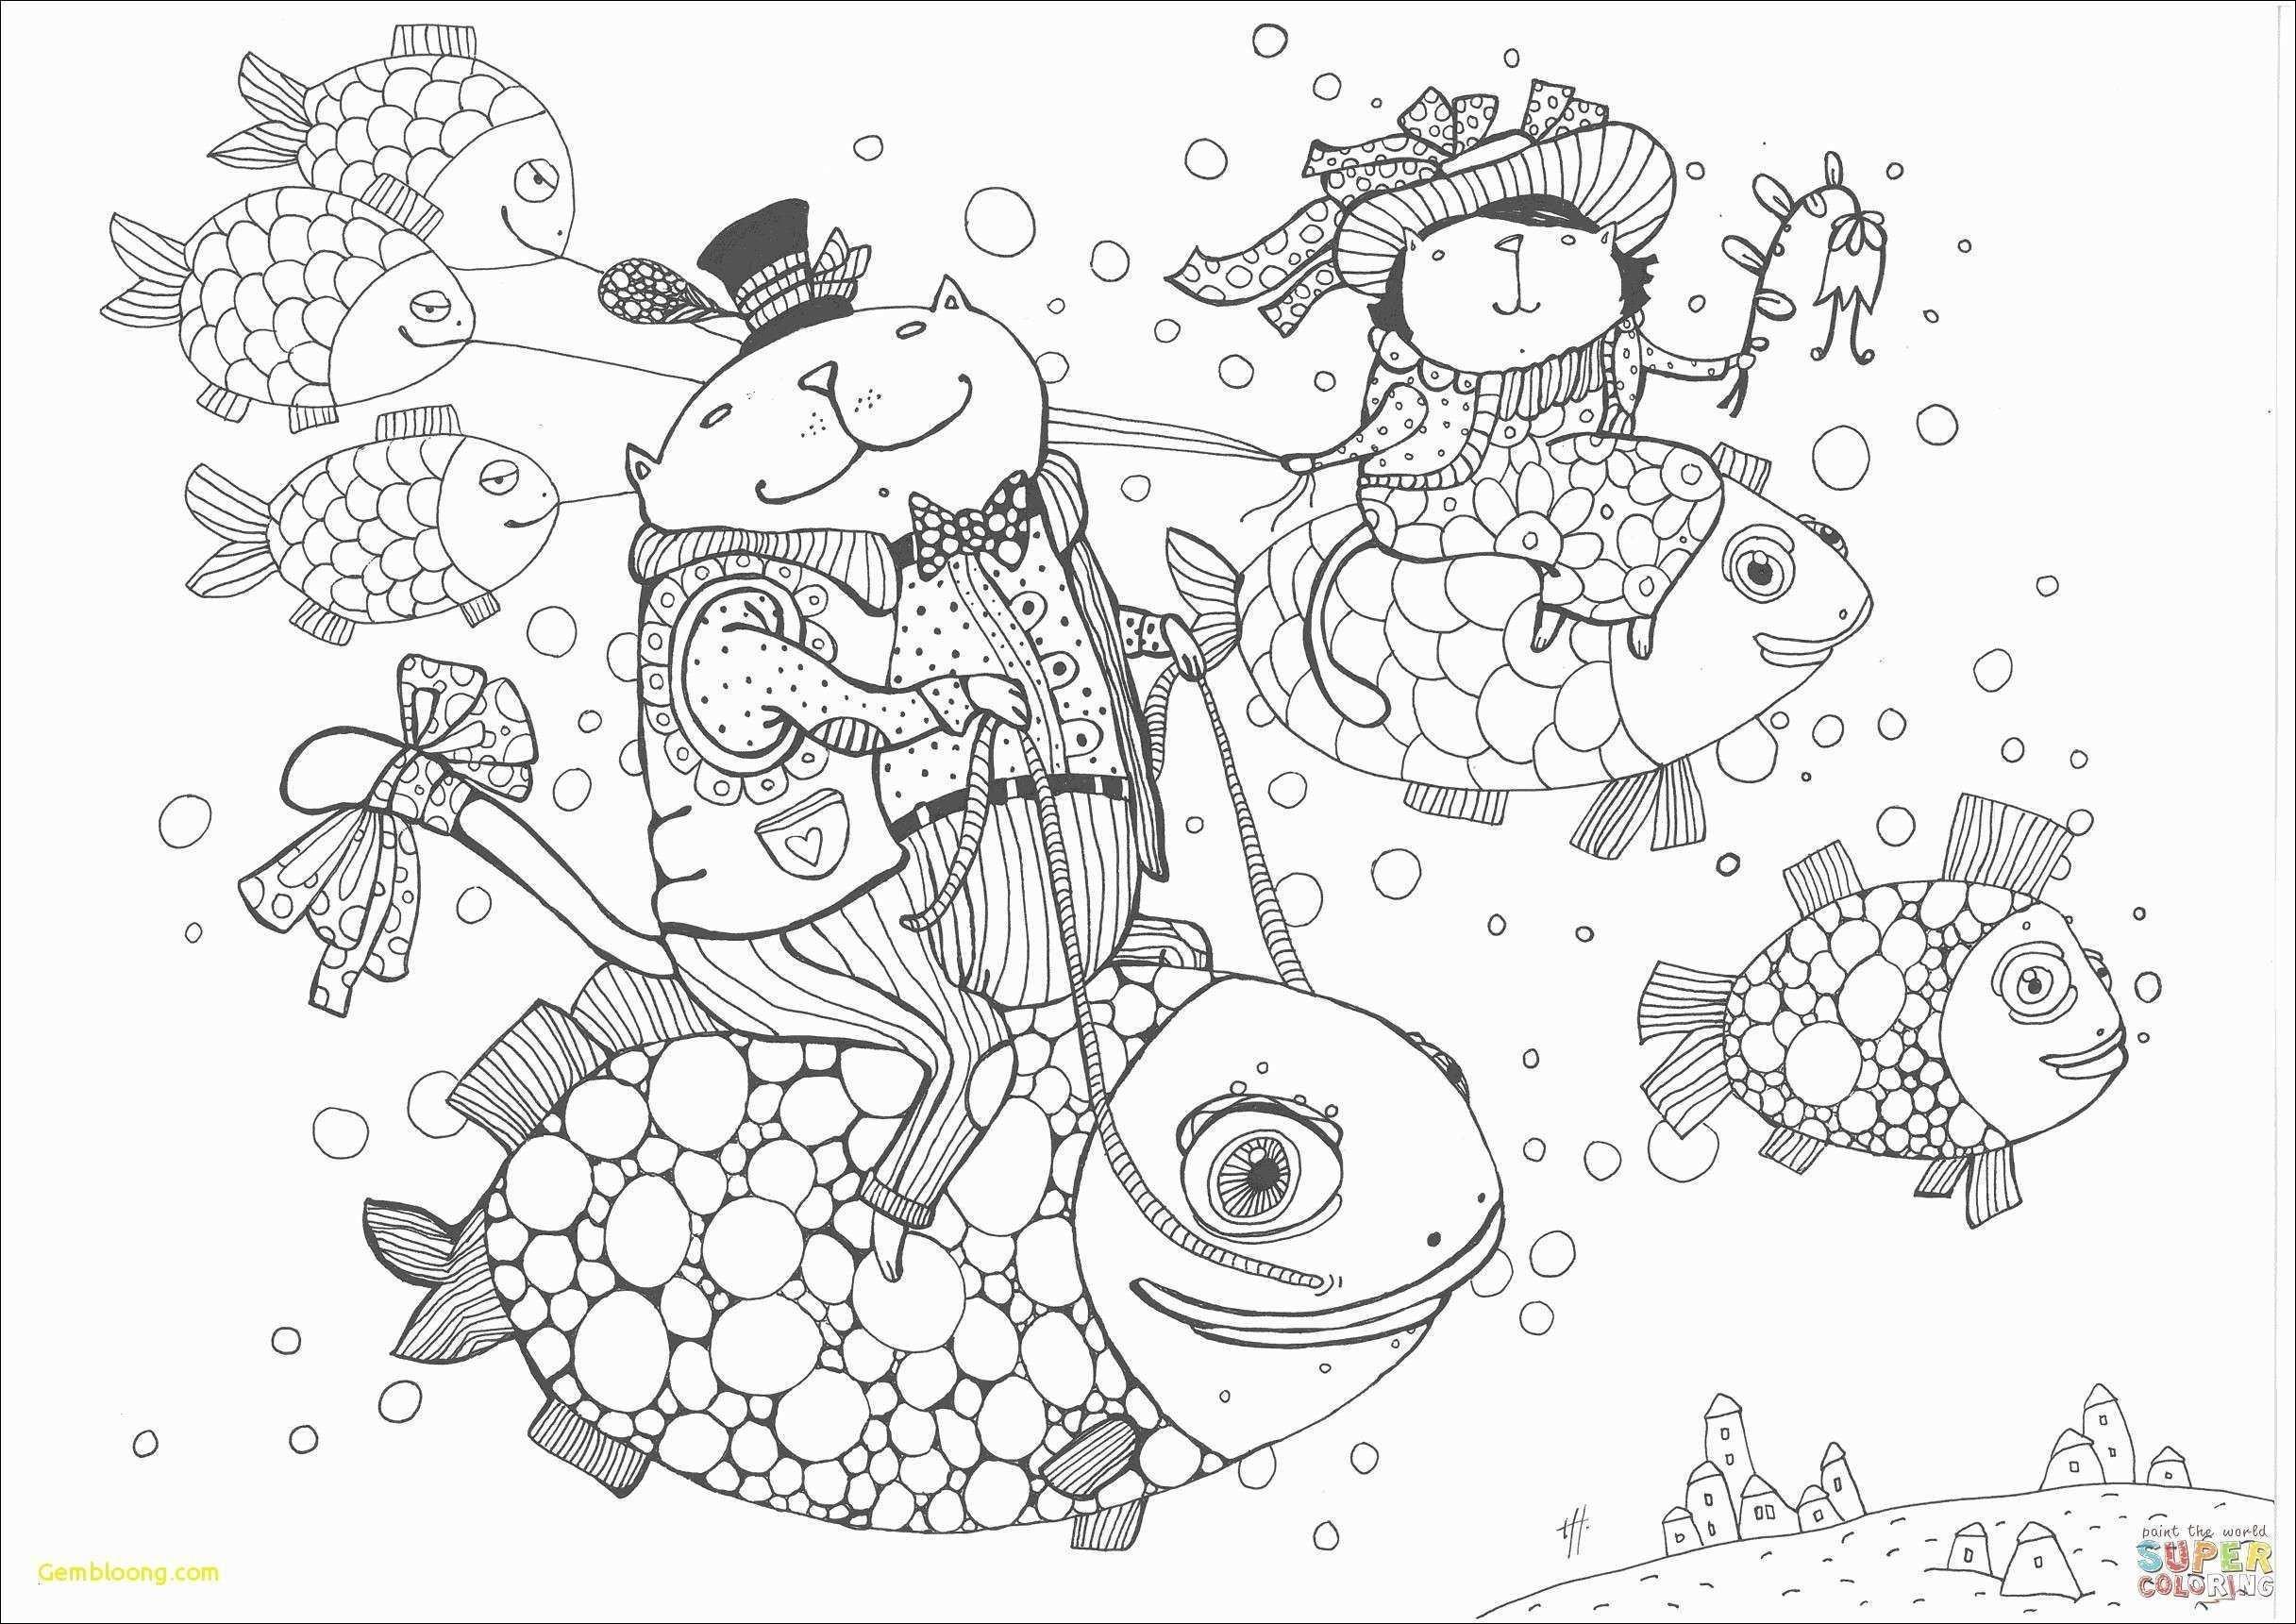 Gratis Ausmalbilder Weihnachten Disney Frisch Disney Weihnachten Ausmalbilder Deloringpagesia Bild